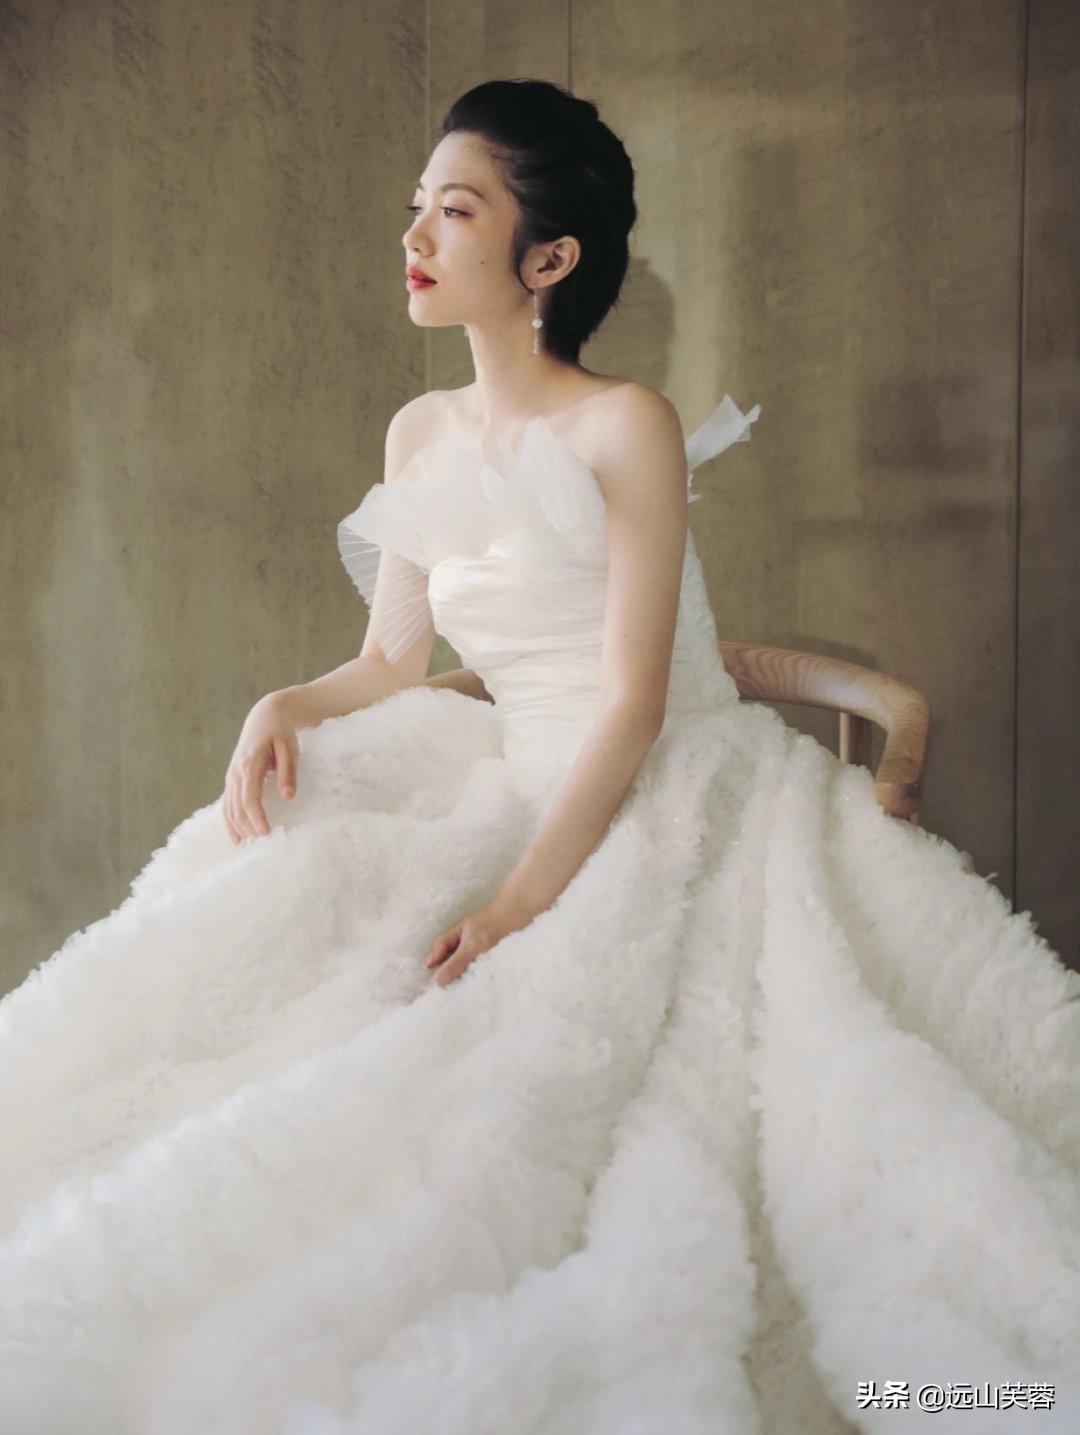 女性穿上婚纱的时候最美-2.jpg